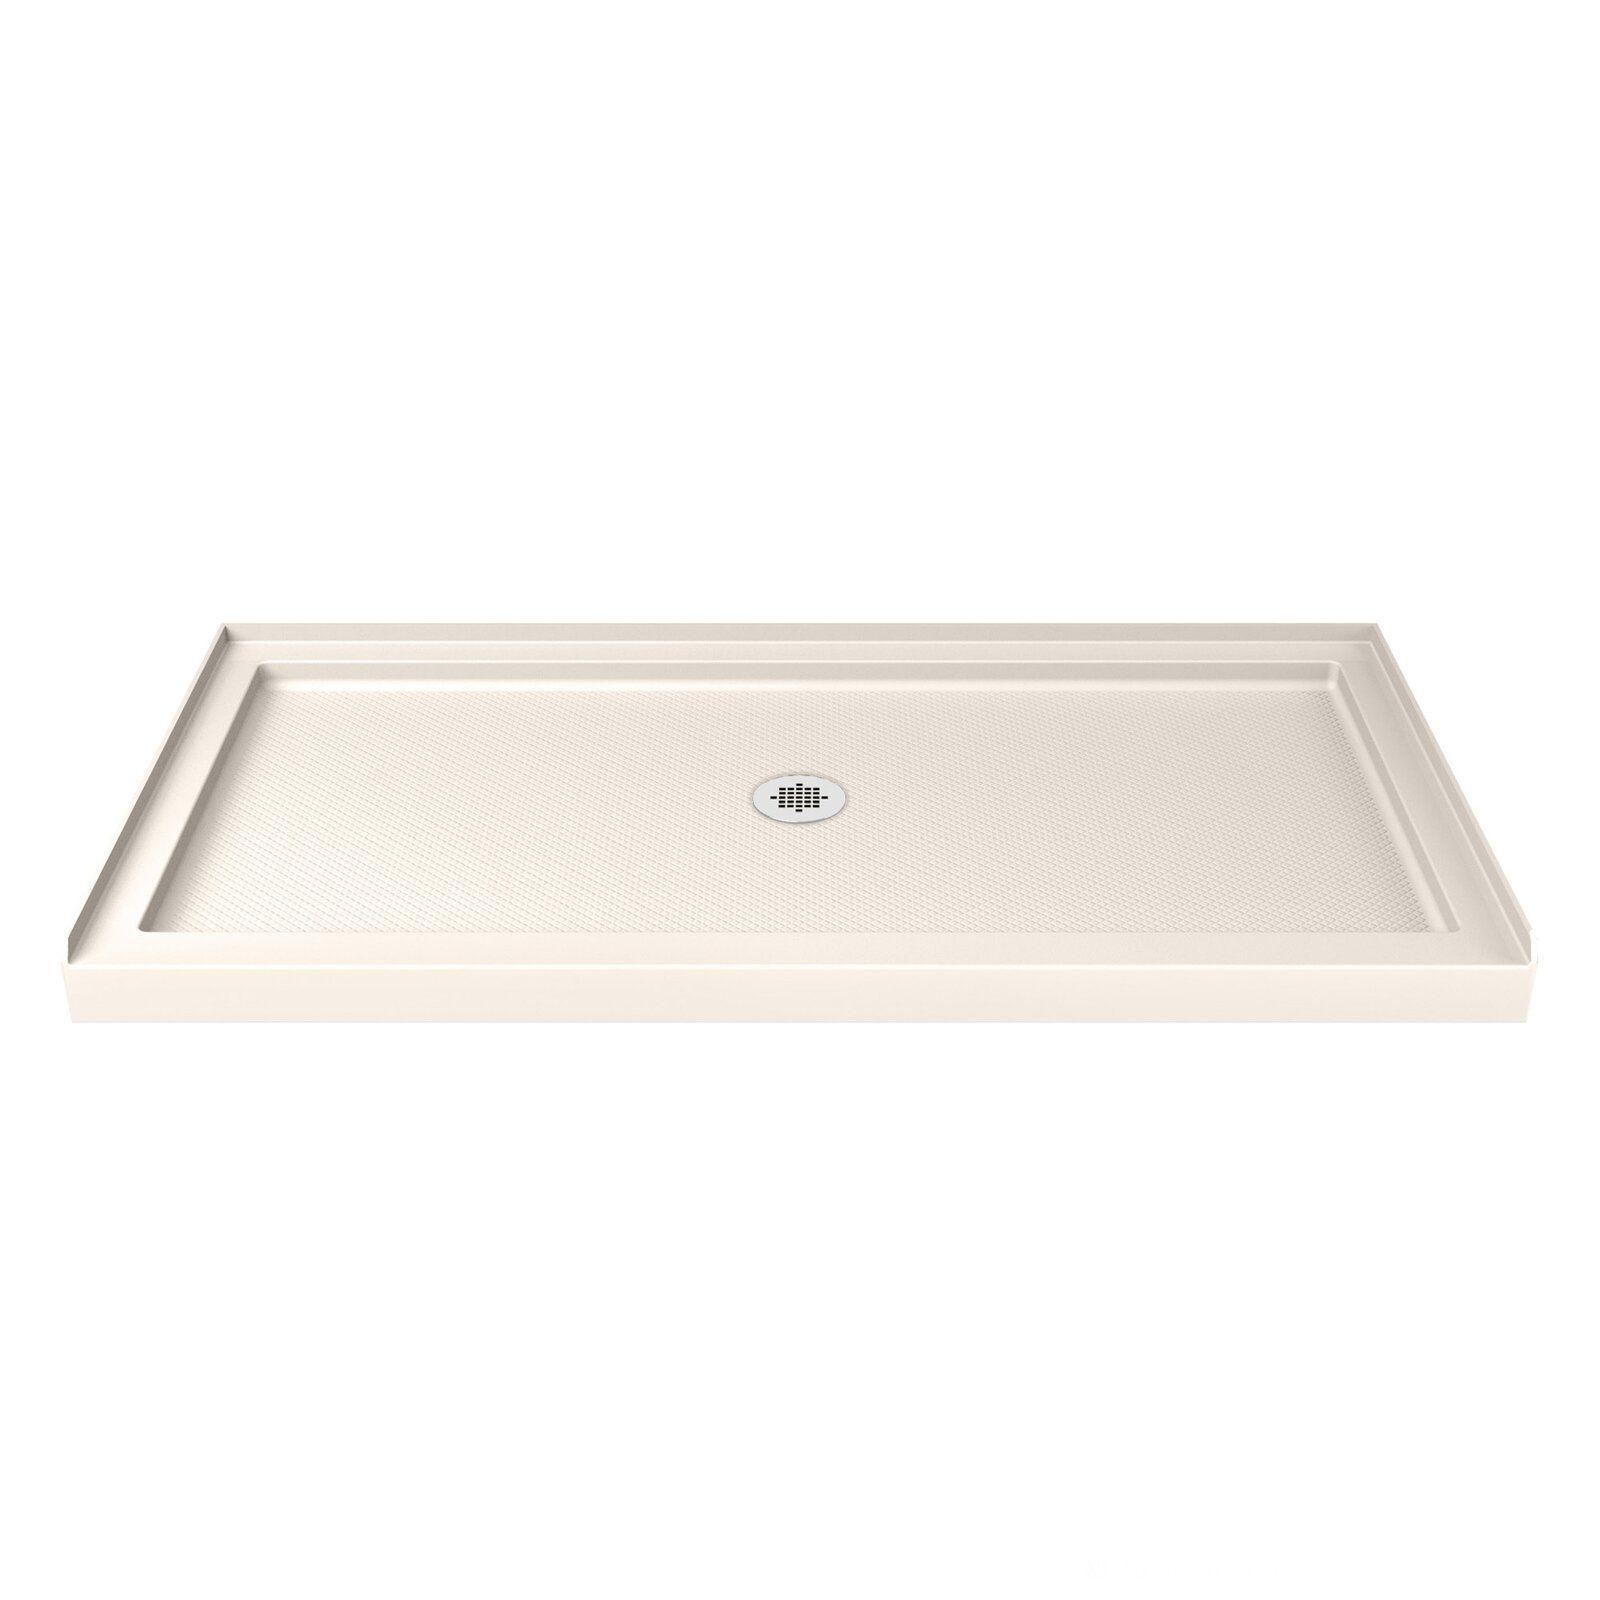 Slimline 60 X 34 Single Threshold Shower Base Tub To